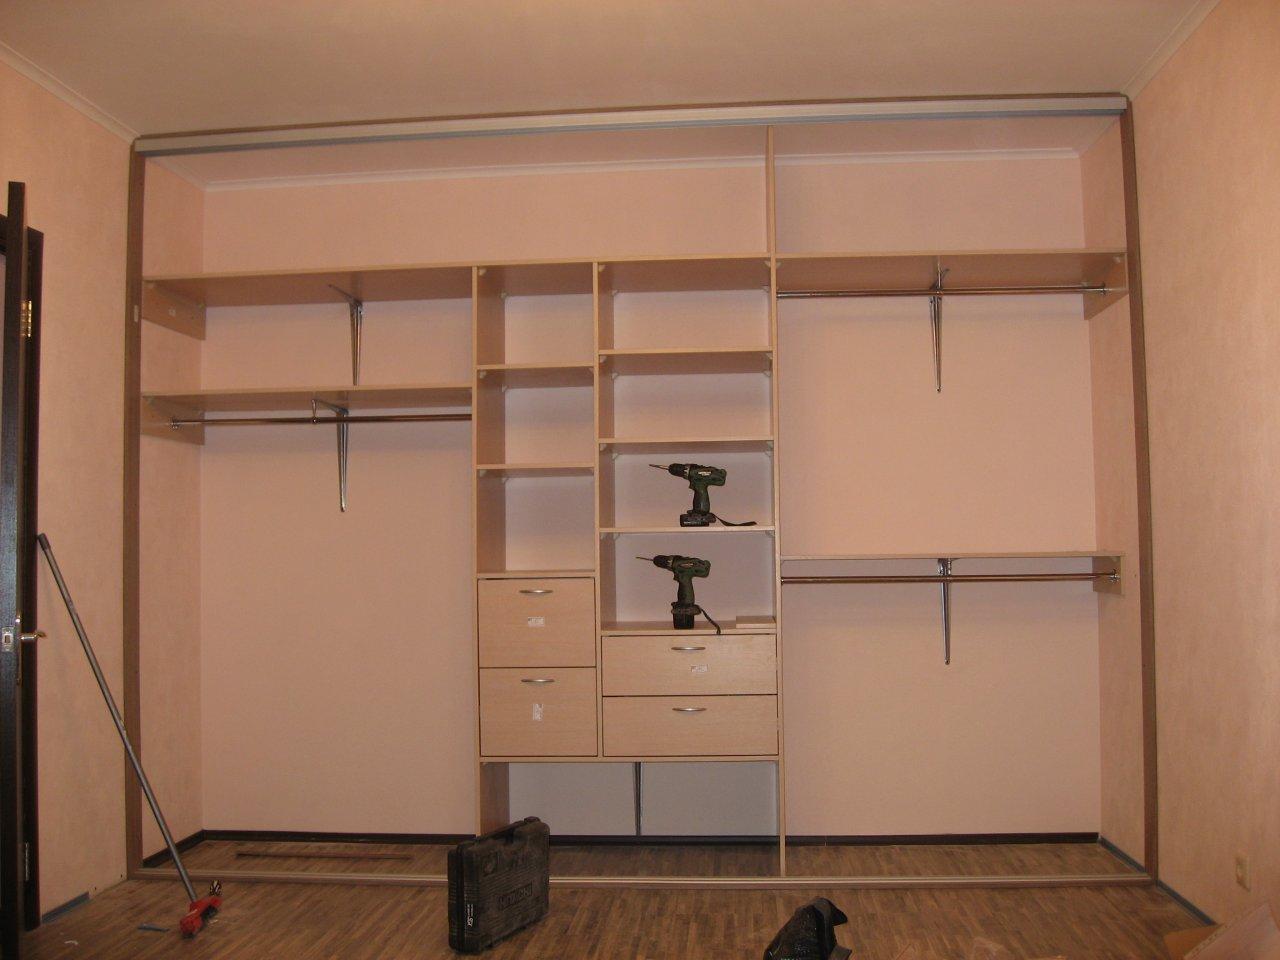 Шкафы встроенные в стену своими руками